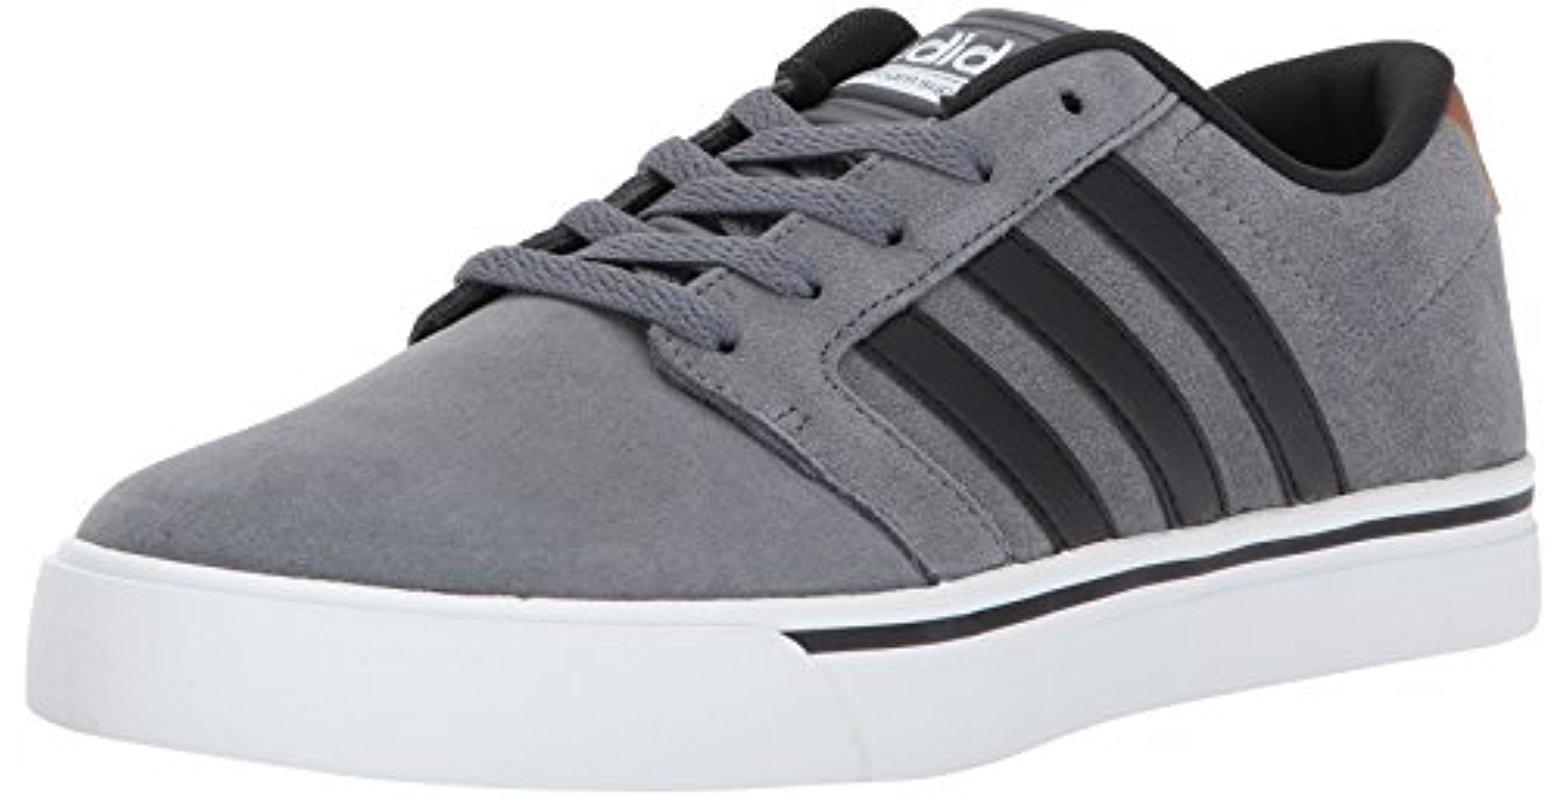 lyst adidas neo di super pattinare scarpa, grey 4 / nero / legno